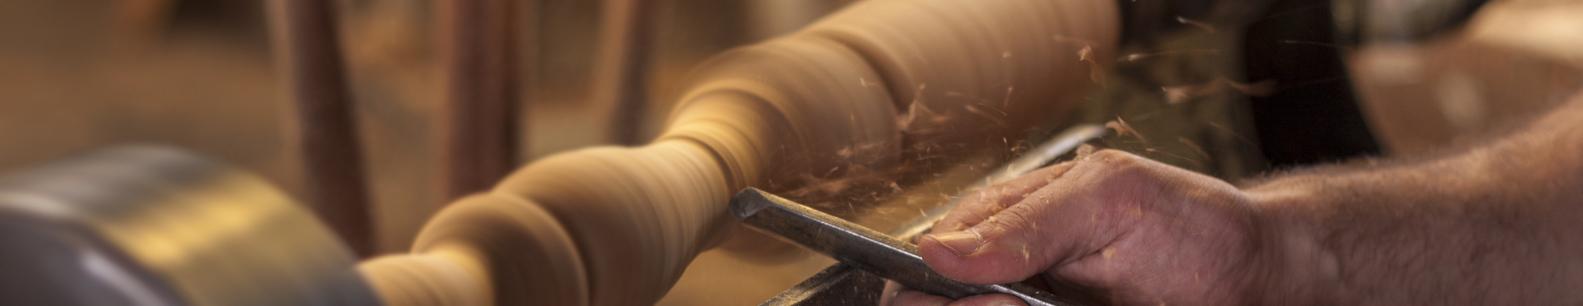 Medžio tekinimo staklės  Itin funkcionalios, kokybišką darbą užtikrinančios medžio tekinimo staklės